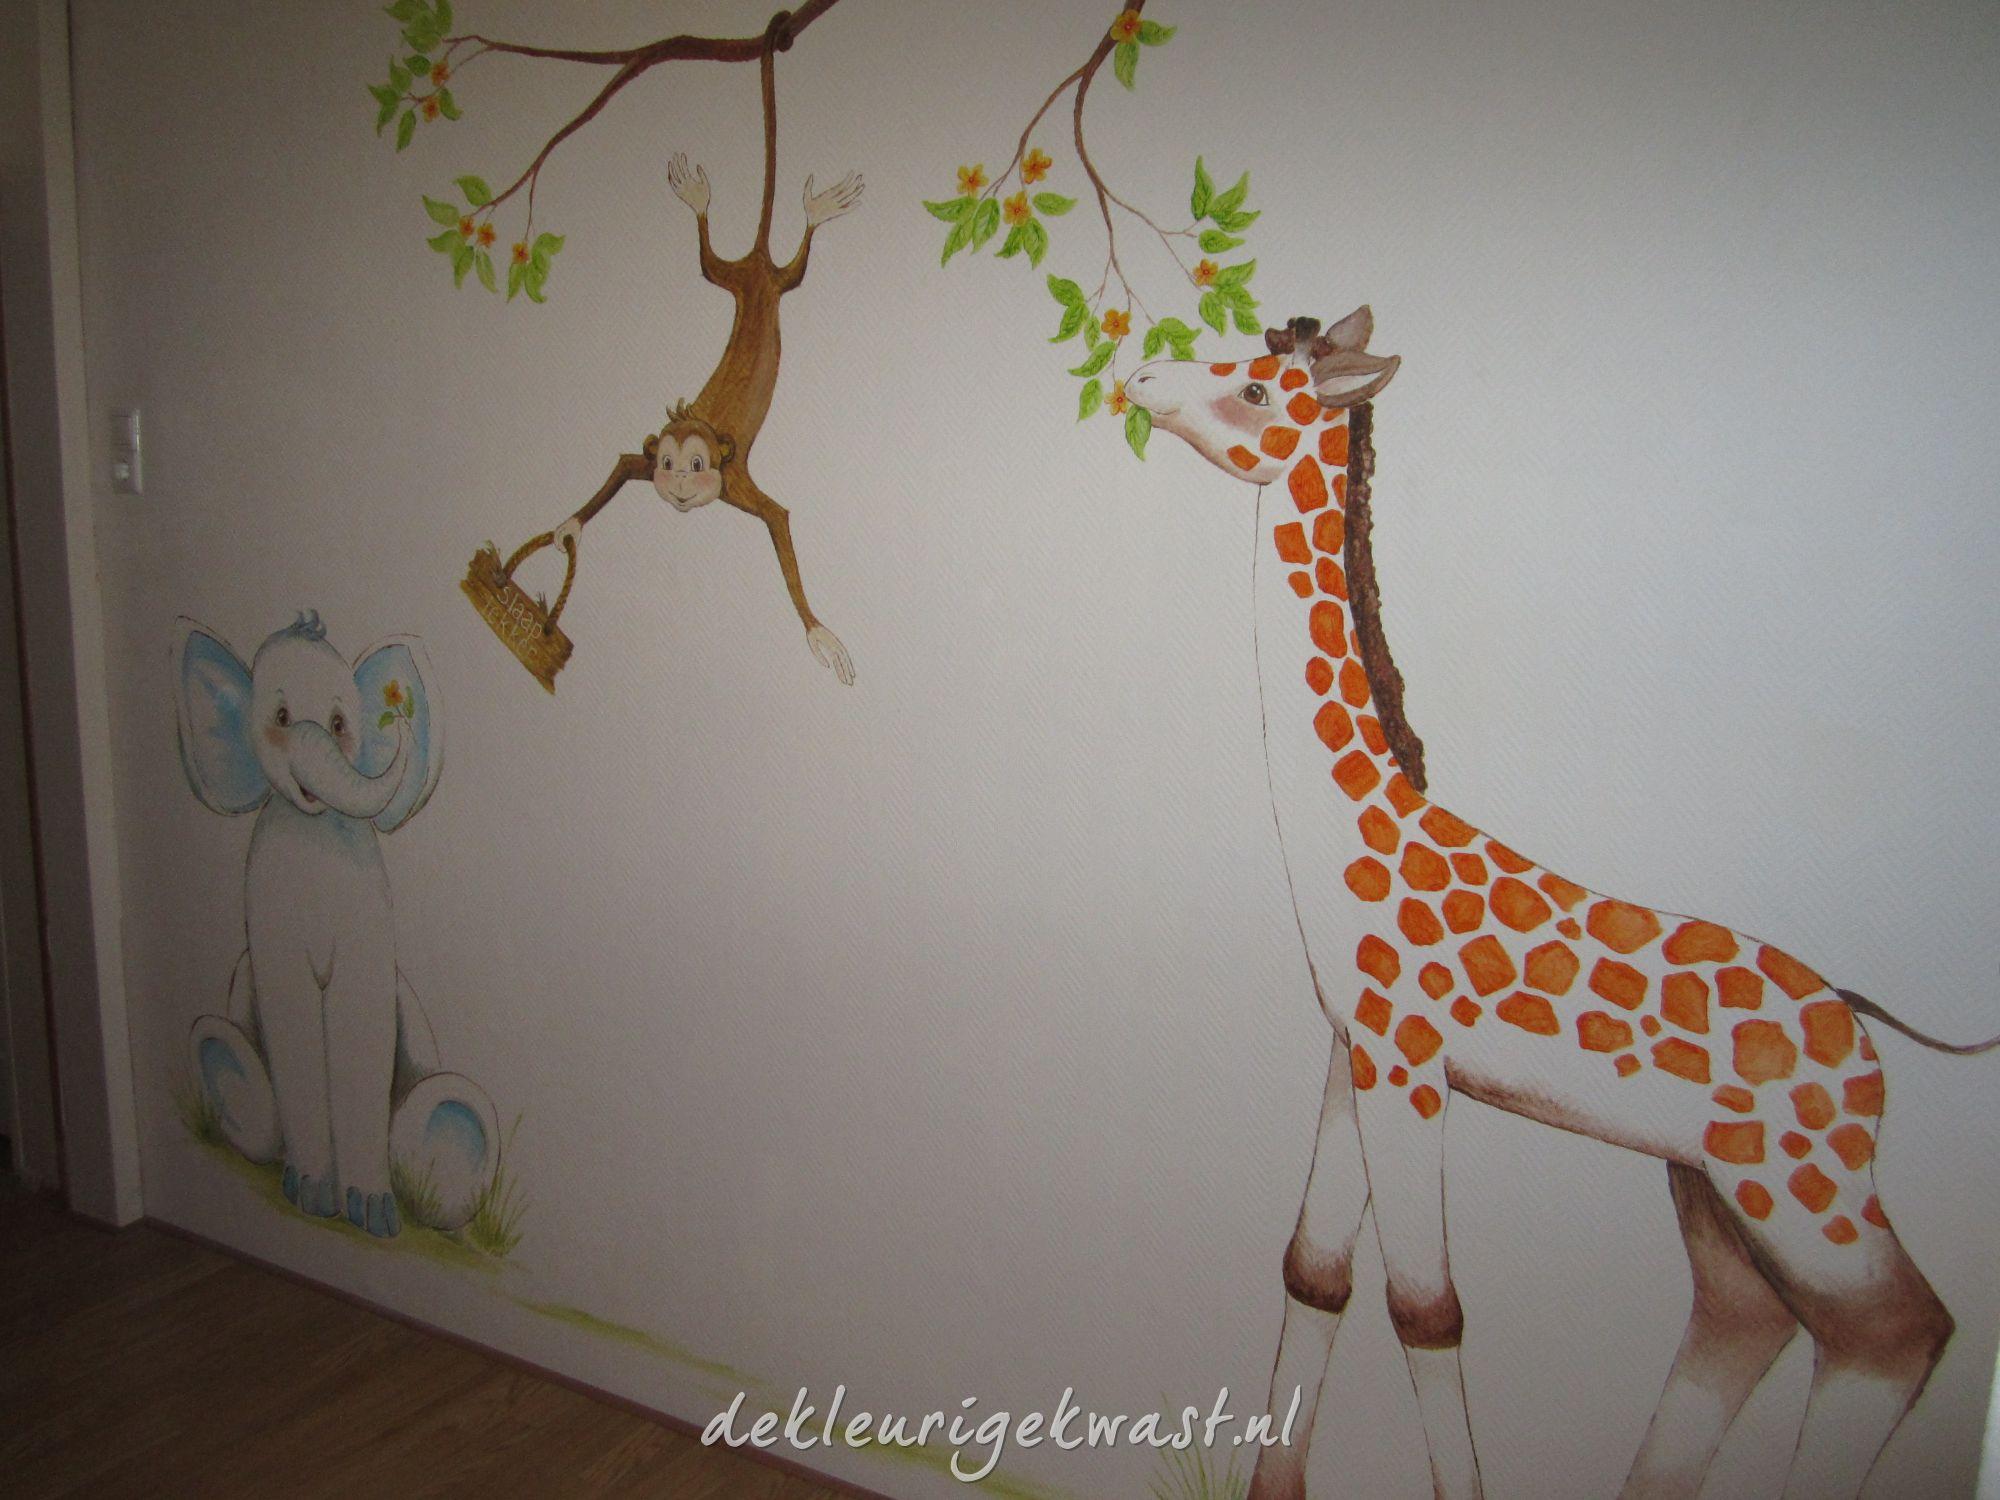 Muurschildering Met Naam In De Babykamer Pictures to pin on Pinterest